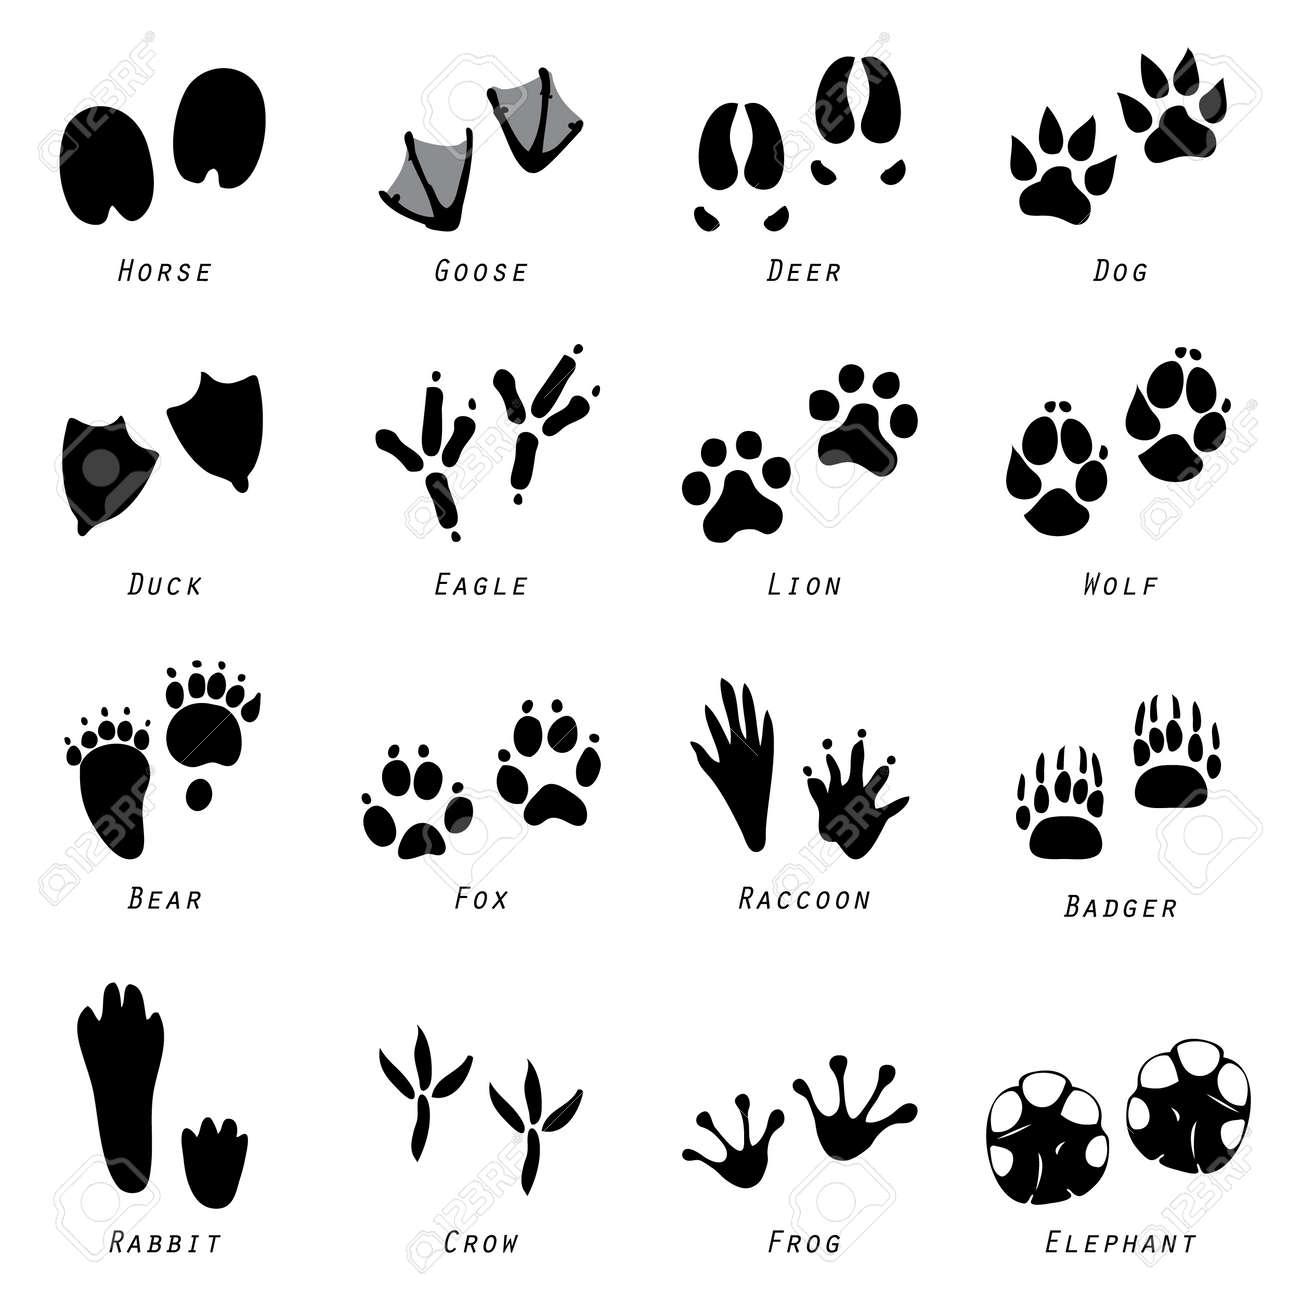 動物の足跡の足跡のアイコン ベクトル ロイヤリティフリークリップ